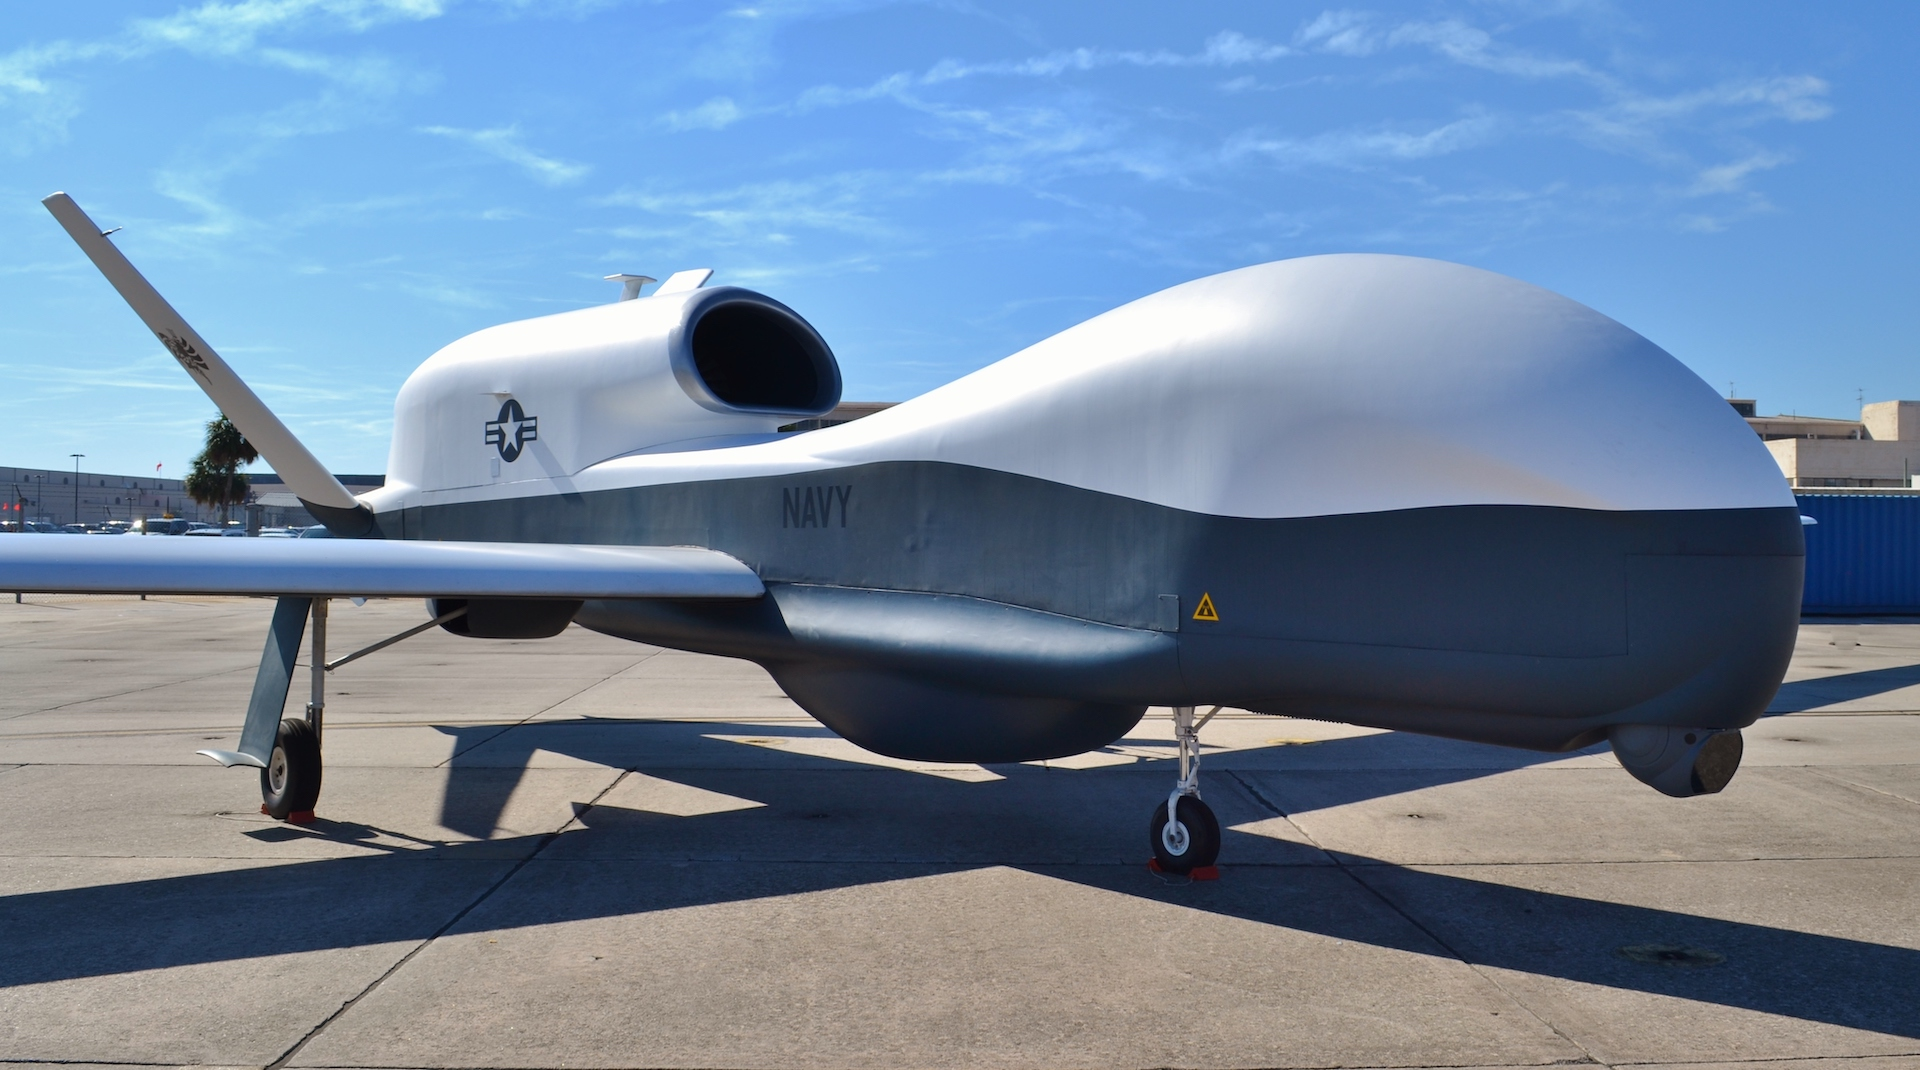 美軍兩 MQ-4C「海神」無人機抵日本青森 首次派駐日本部署